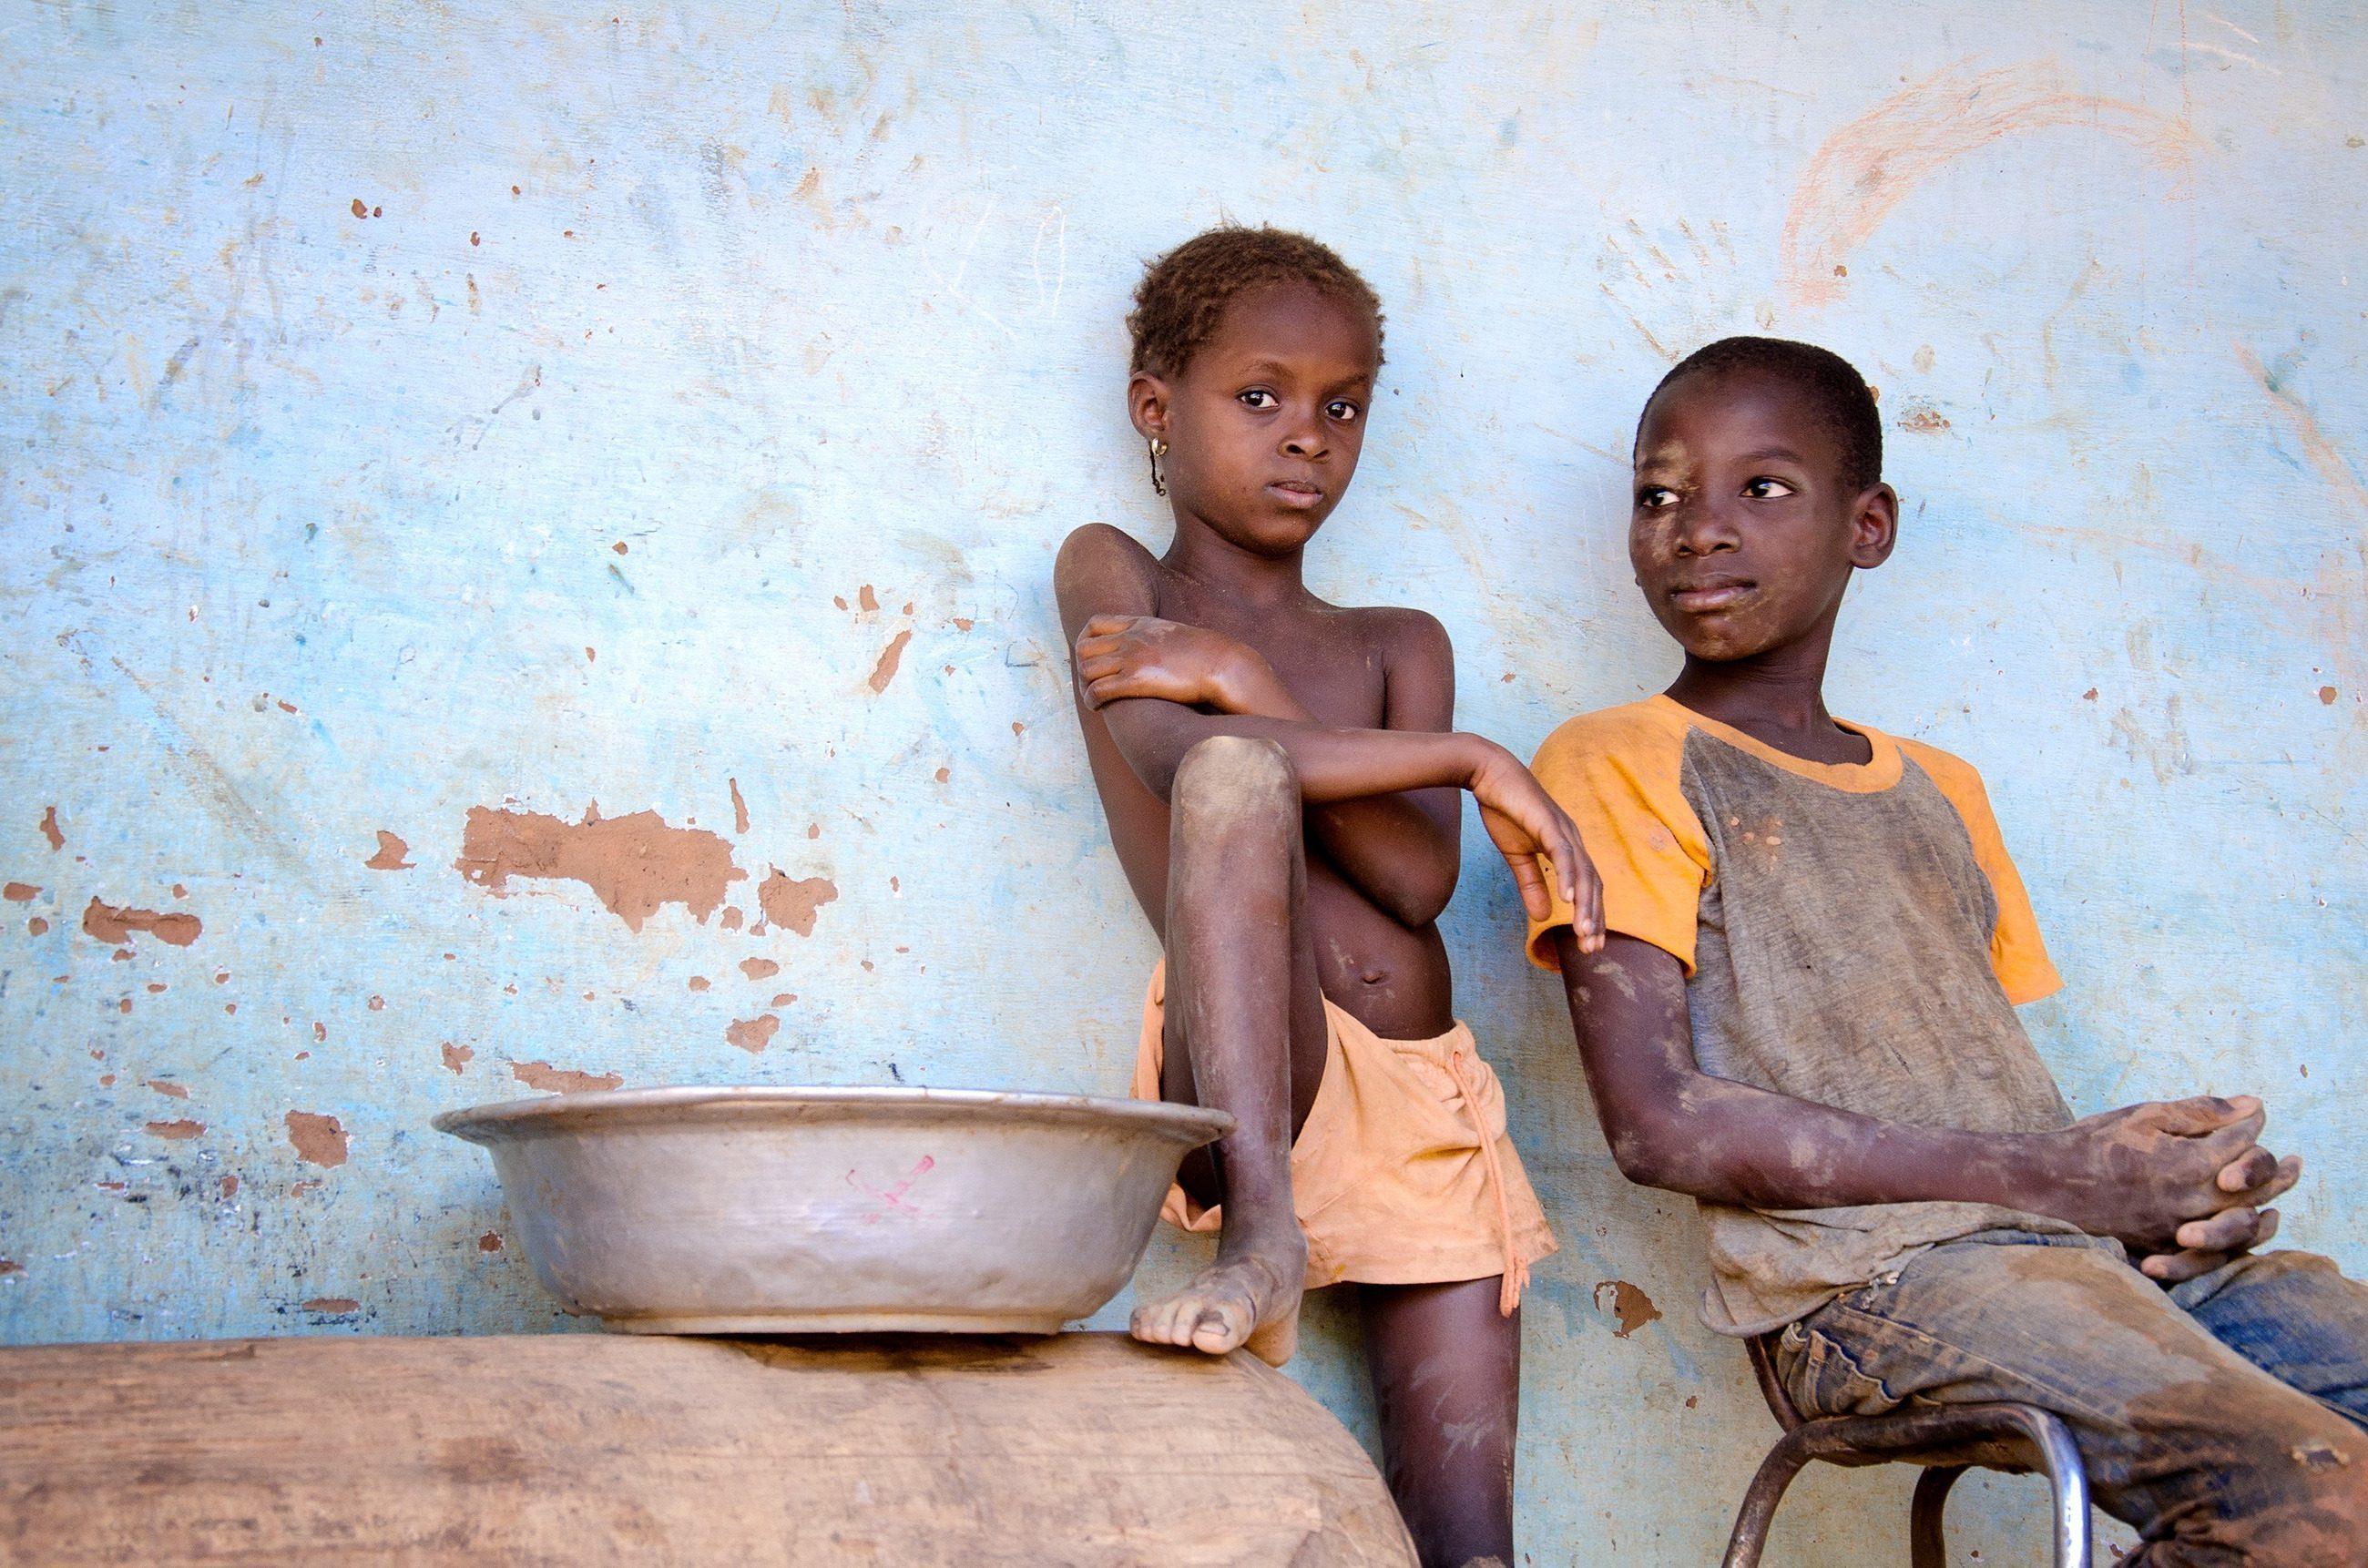 Zwei ärmlich aussehende Jungen lehnen an einer blauen Wand.